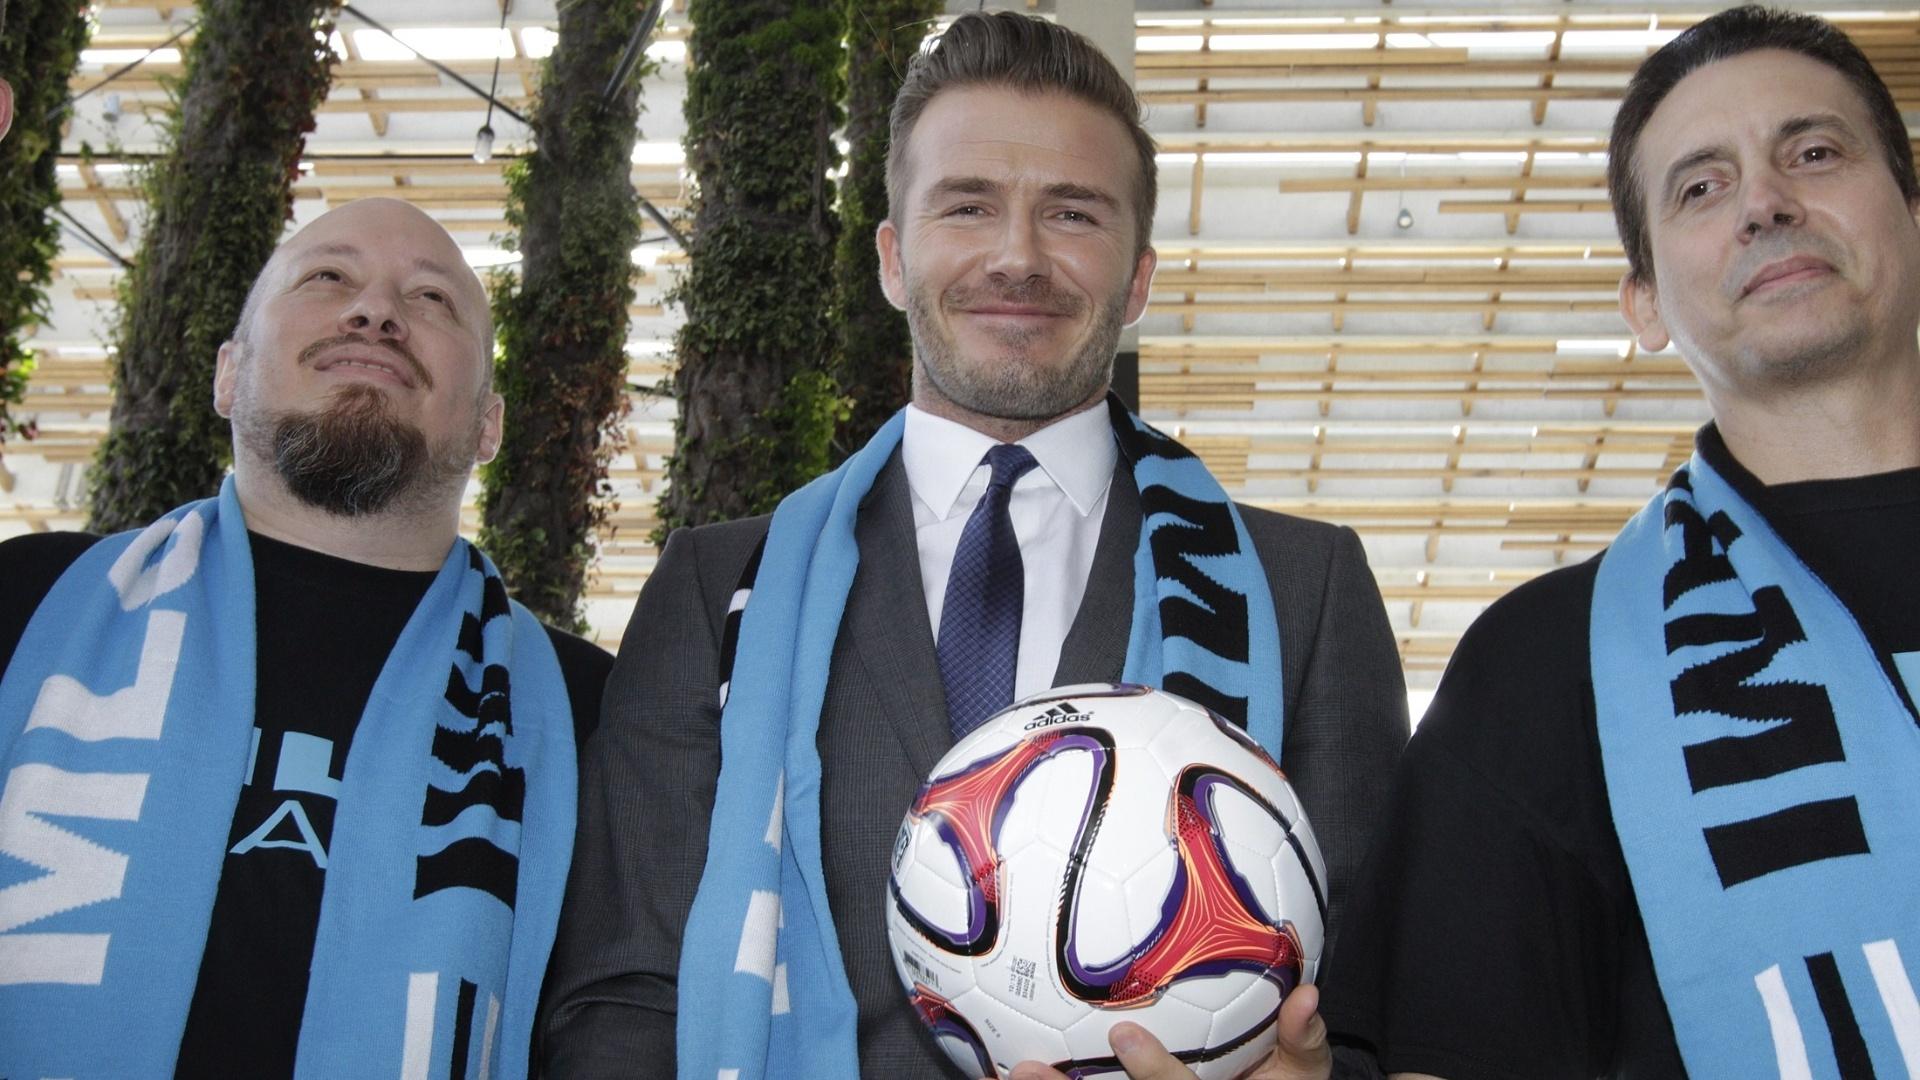 05.fev.2014 - David Beckham posa para foto com fãs após coletiva que declarou a compra de uma equipe para a Major League Soccer (MLS)